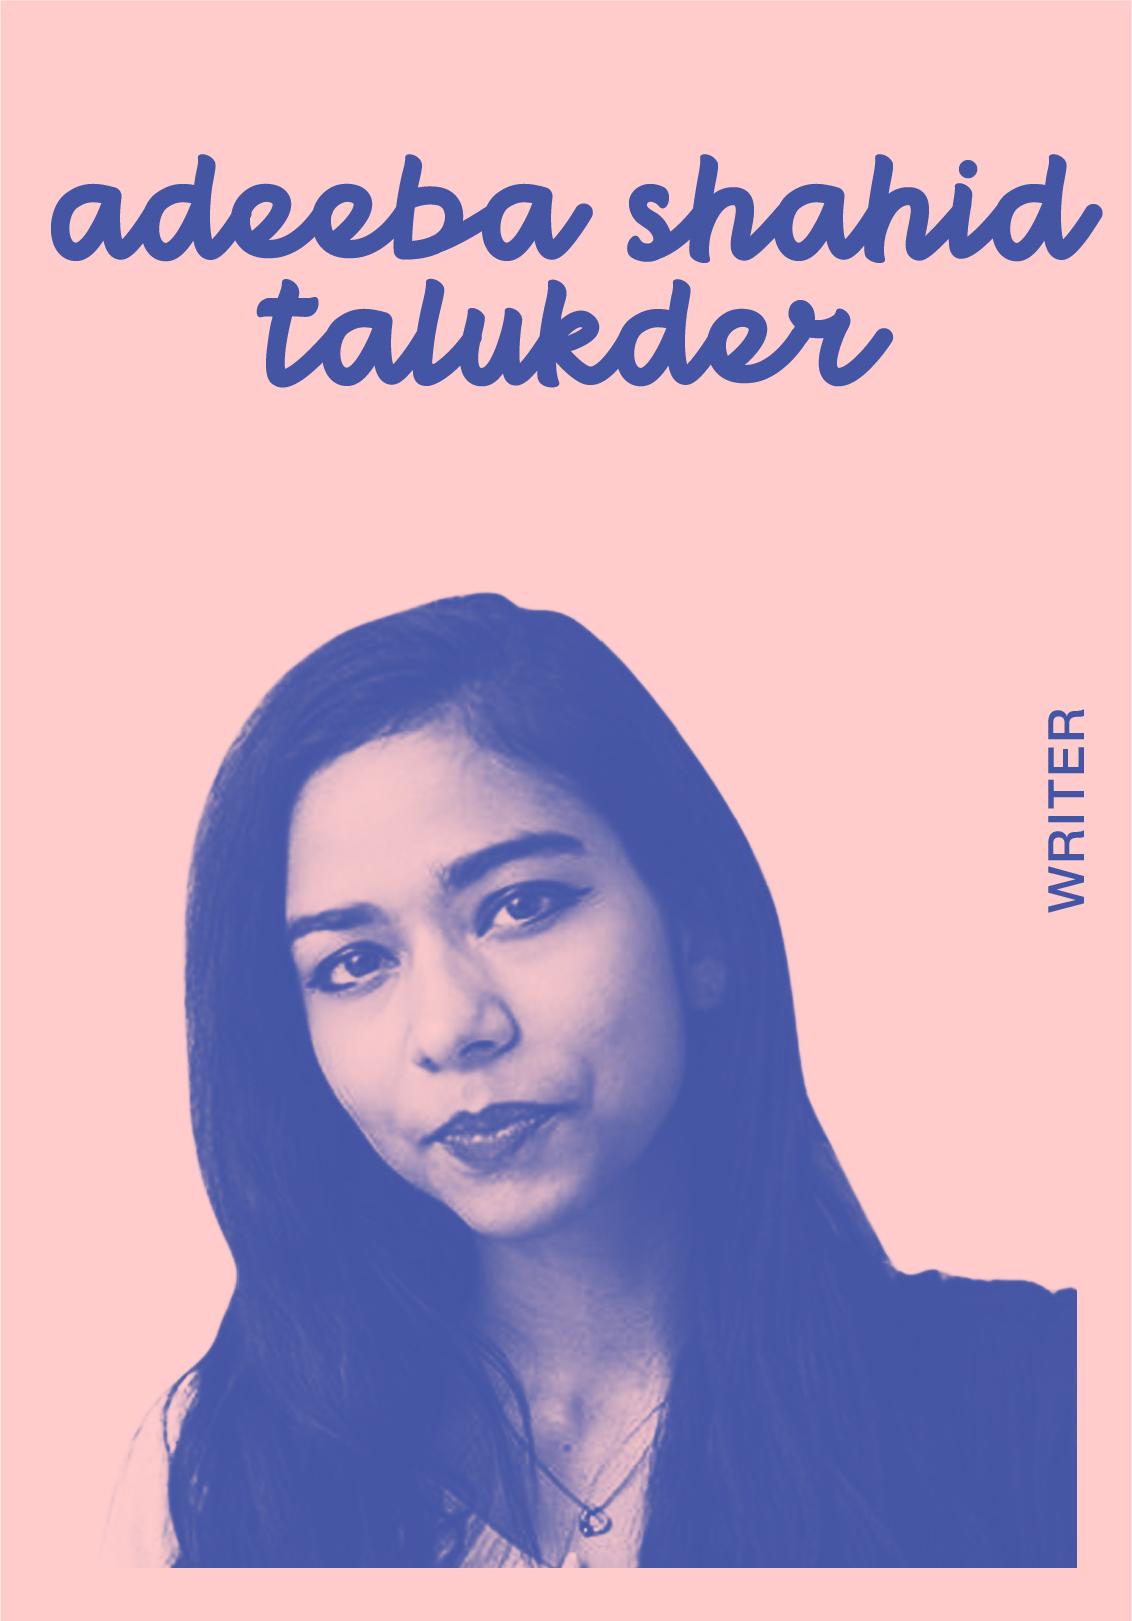 ADEEBA SHAHID TALUKDER   @Adeebaloo